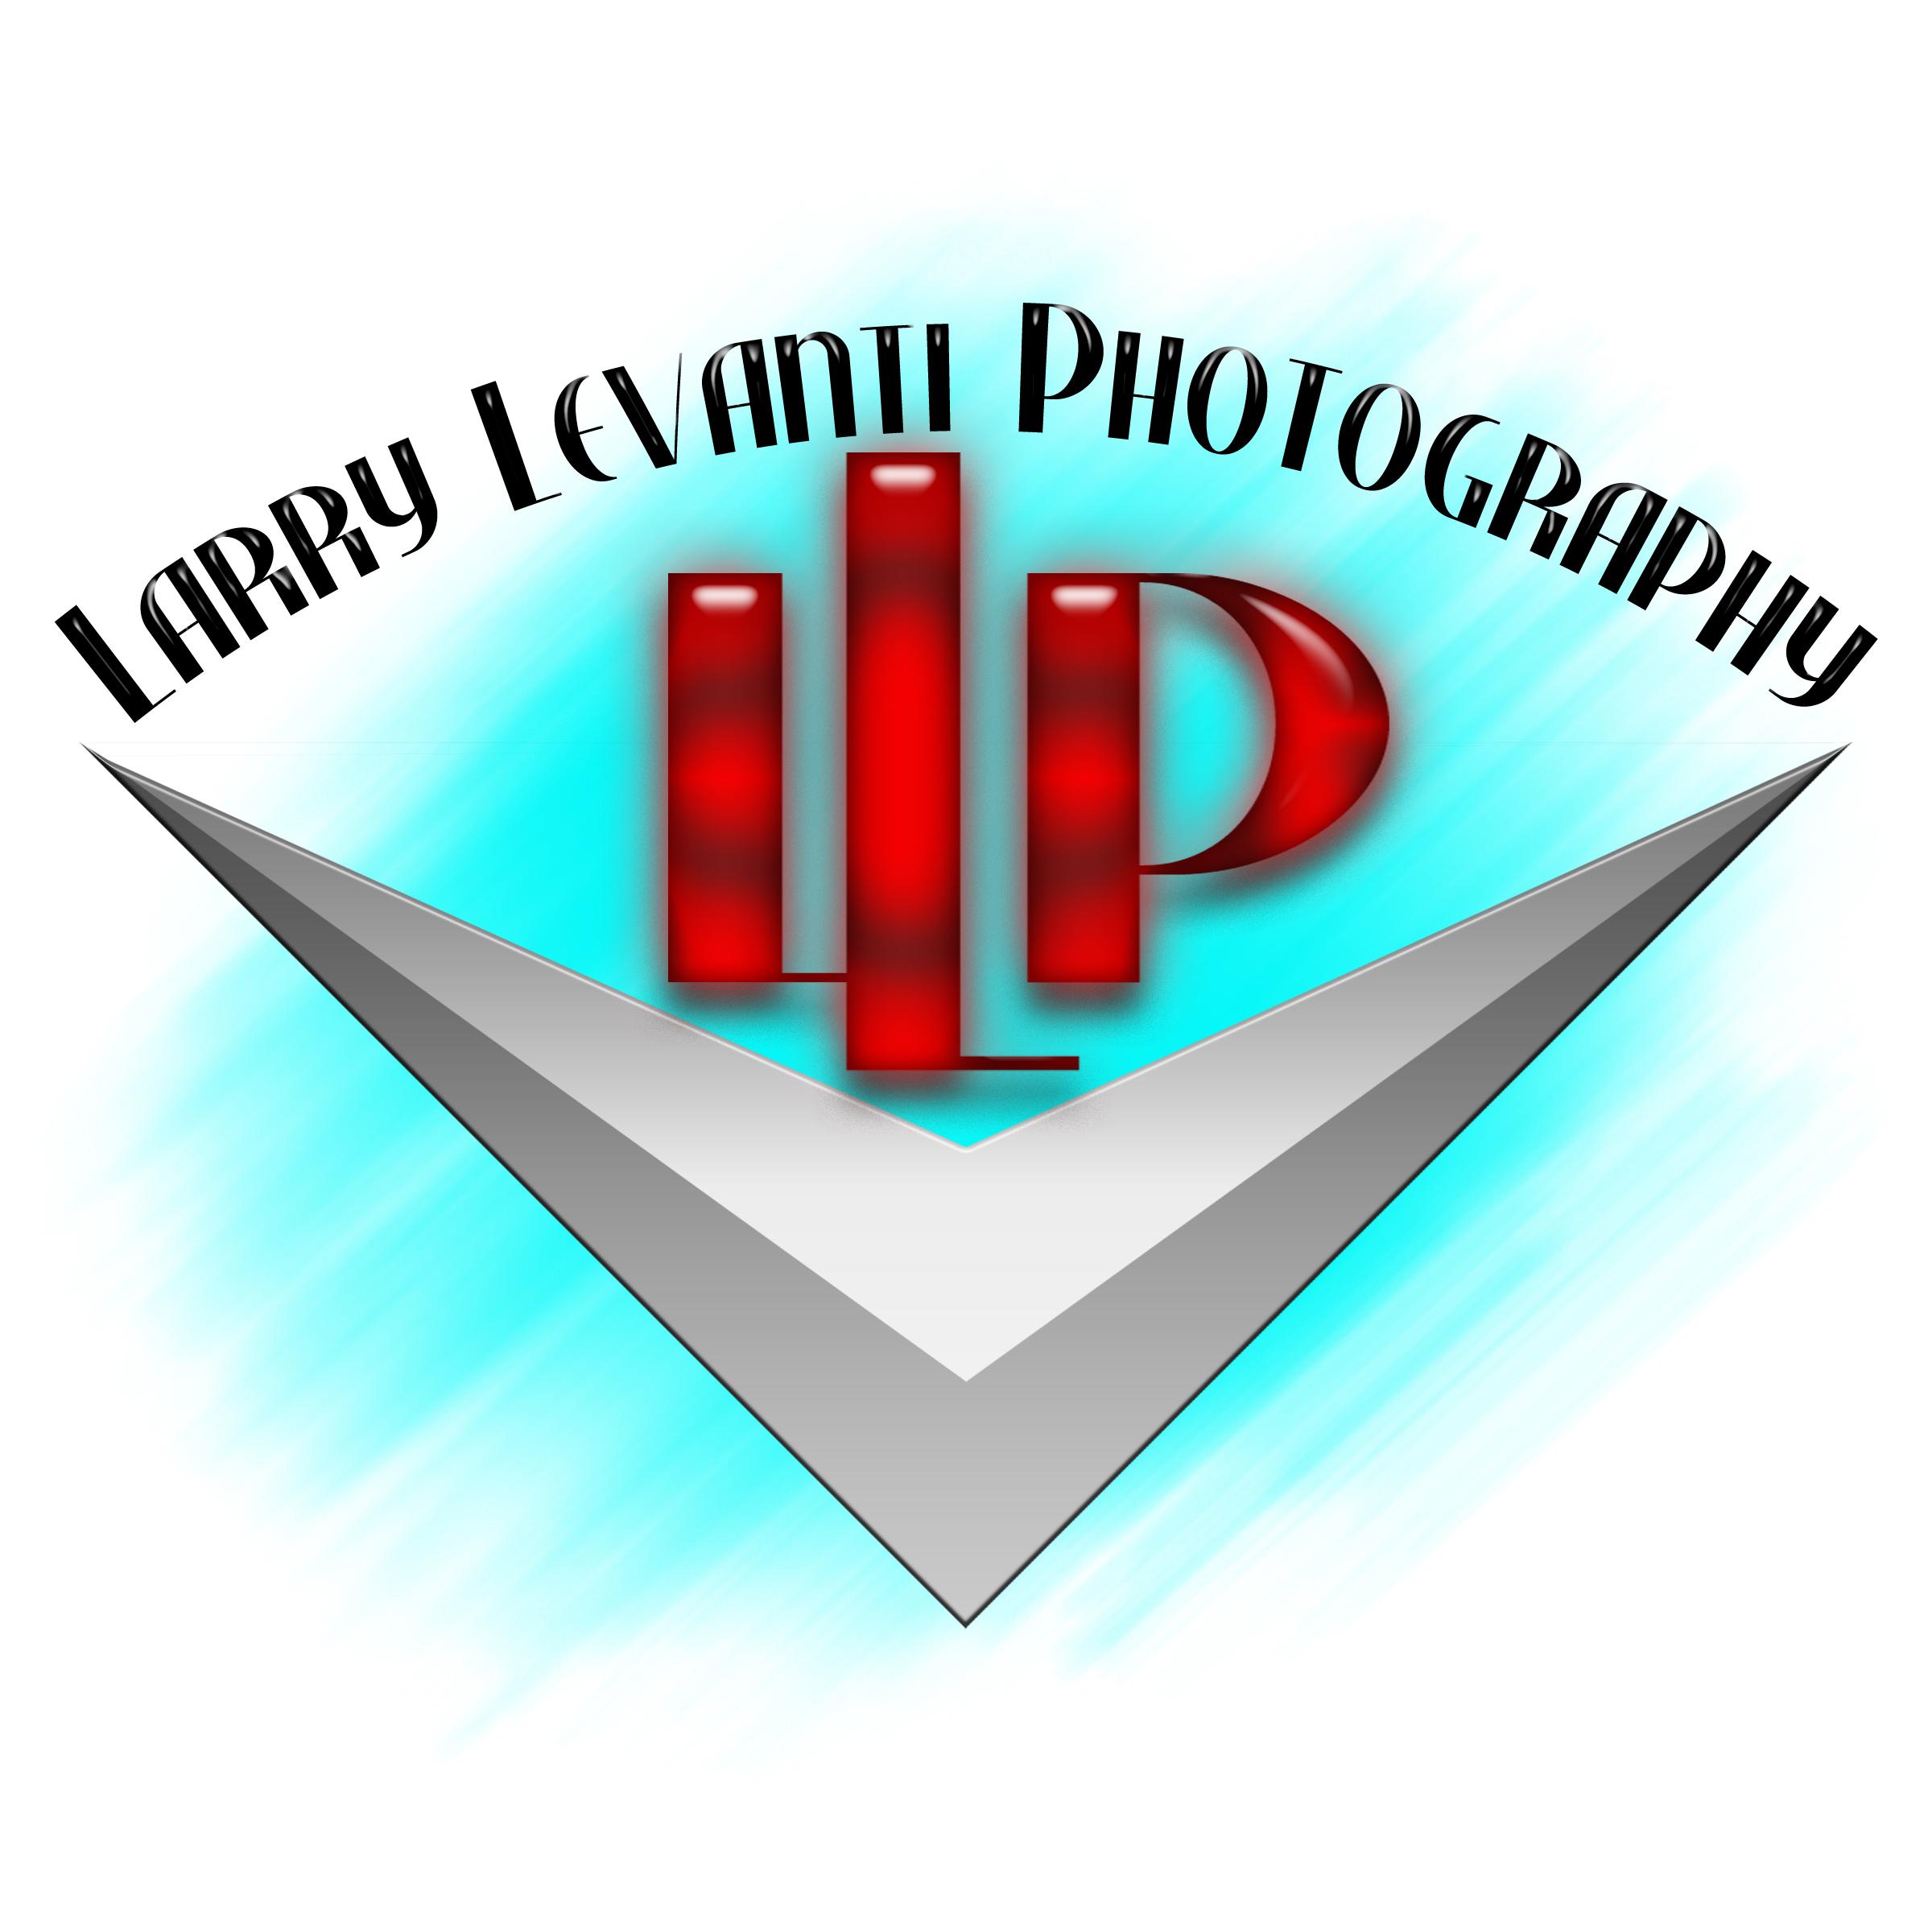 Larry Levanti Photography